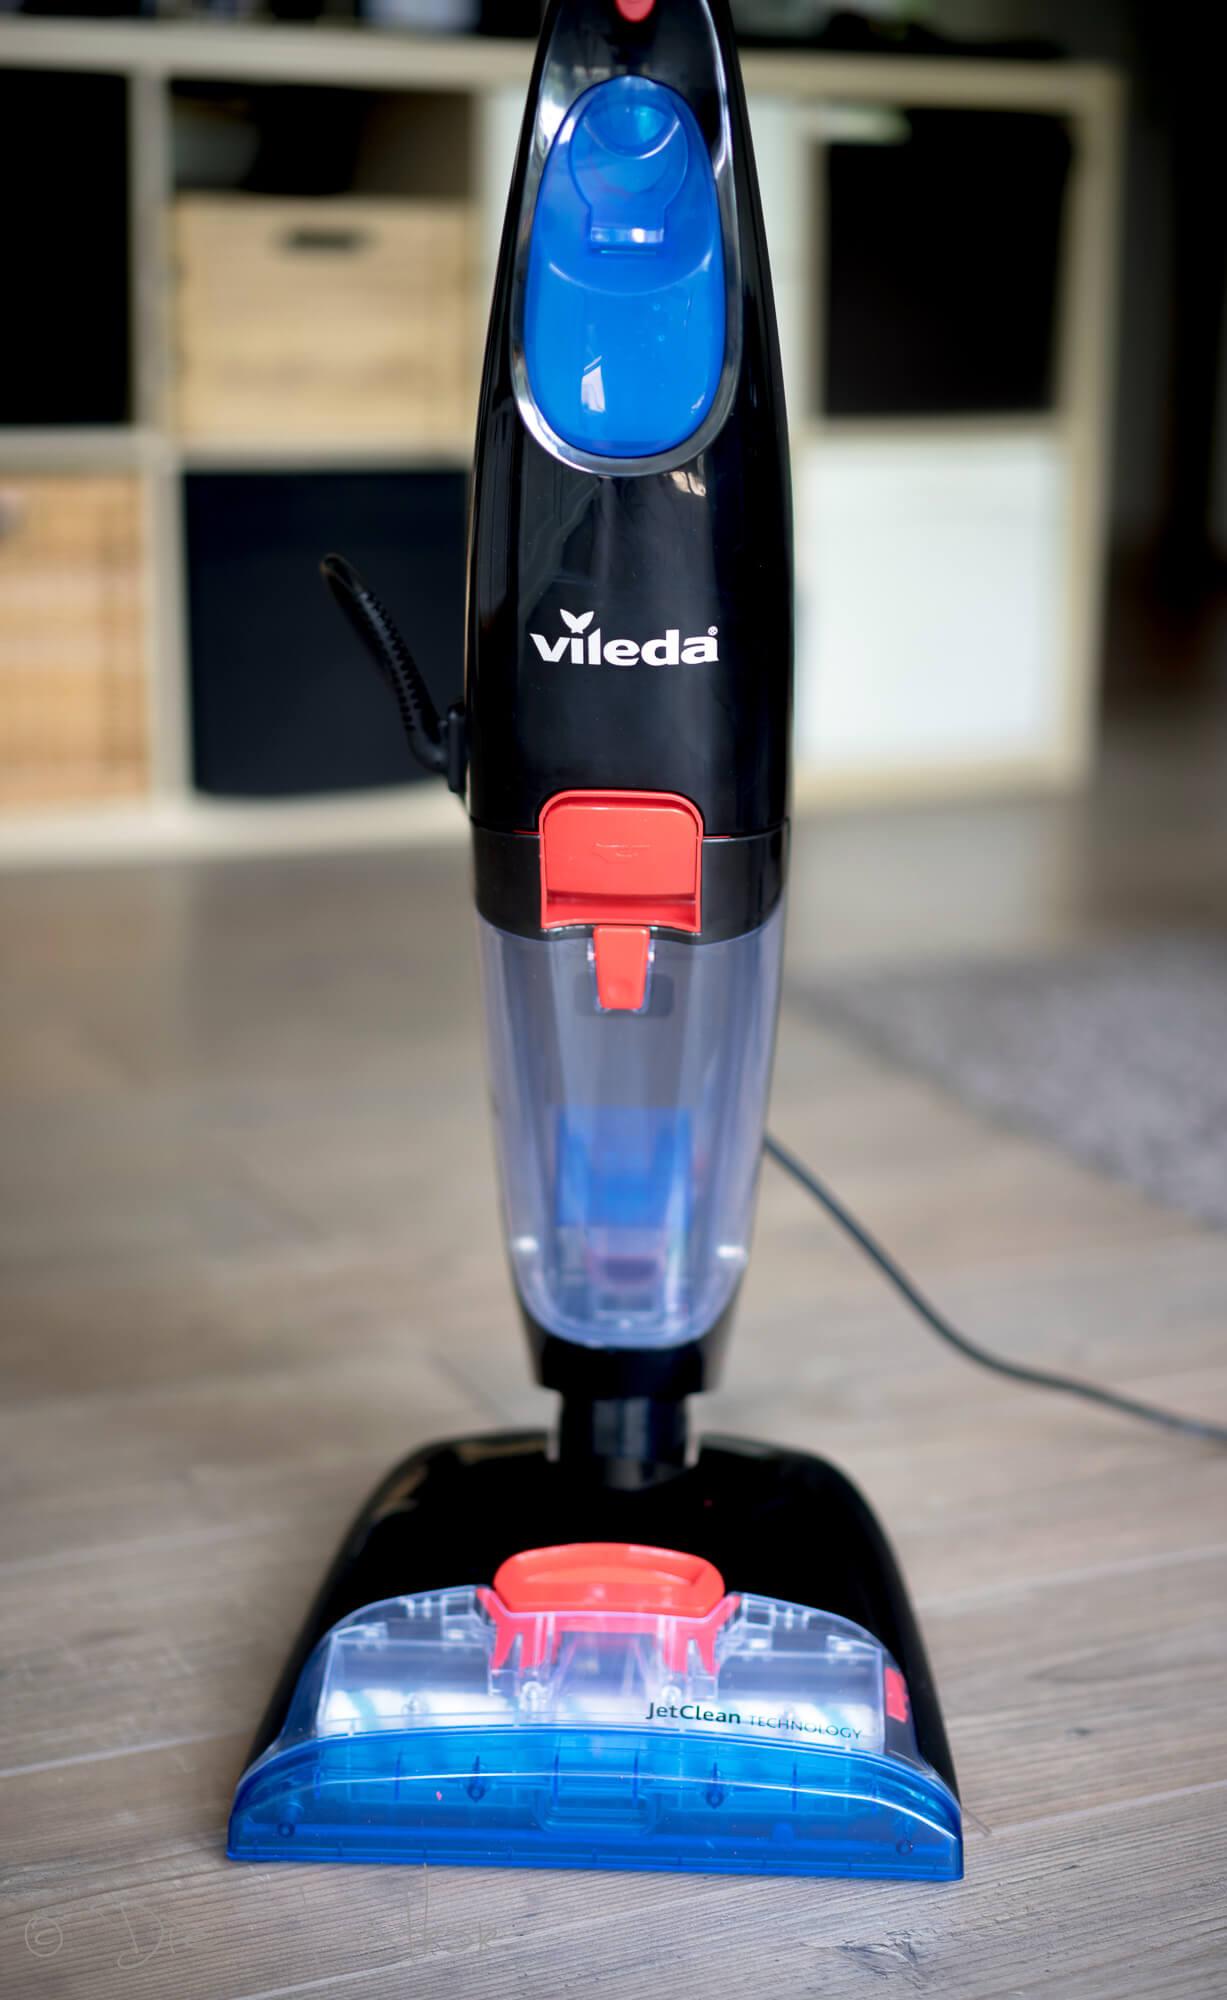 3in1 Reinigung: Saugen, Wischen und Trocknen - Vileda JetClean im Test